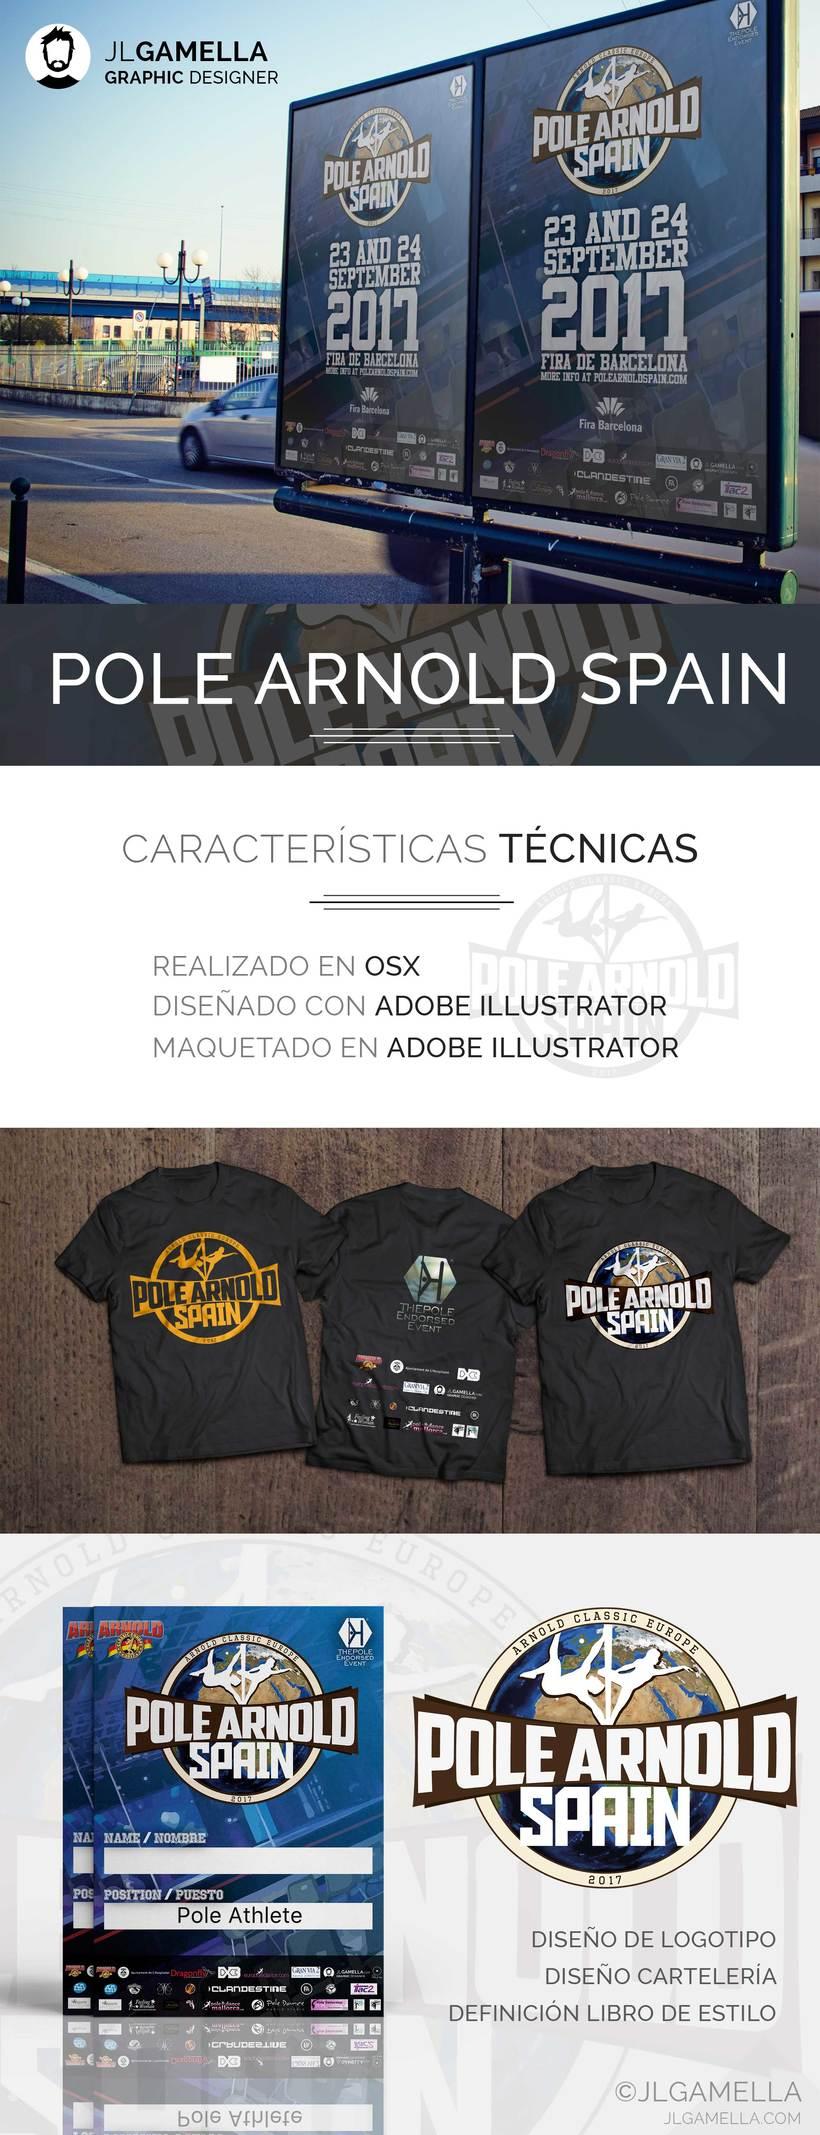 Pole Arnold Spain -1